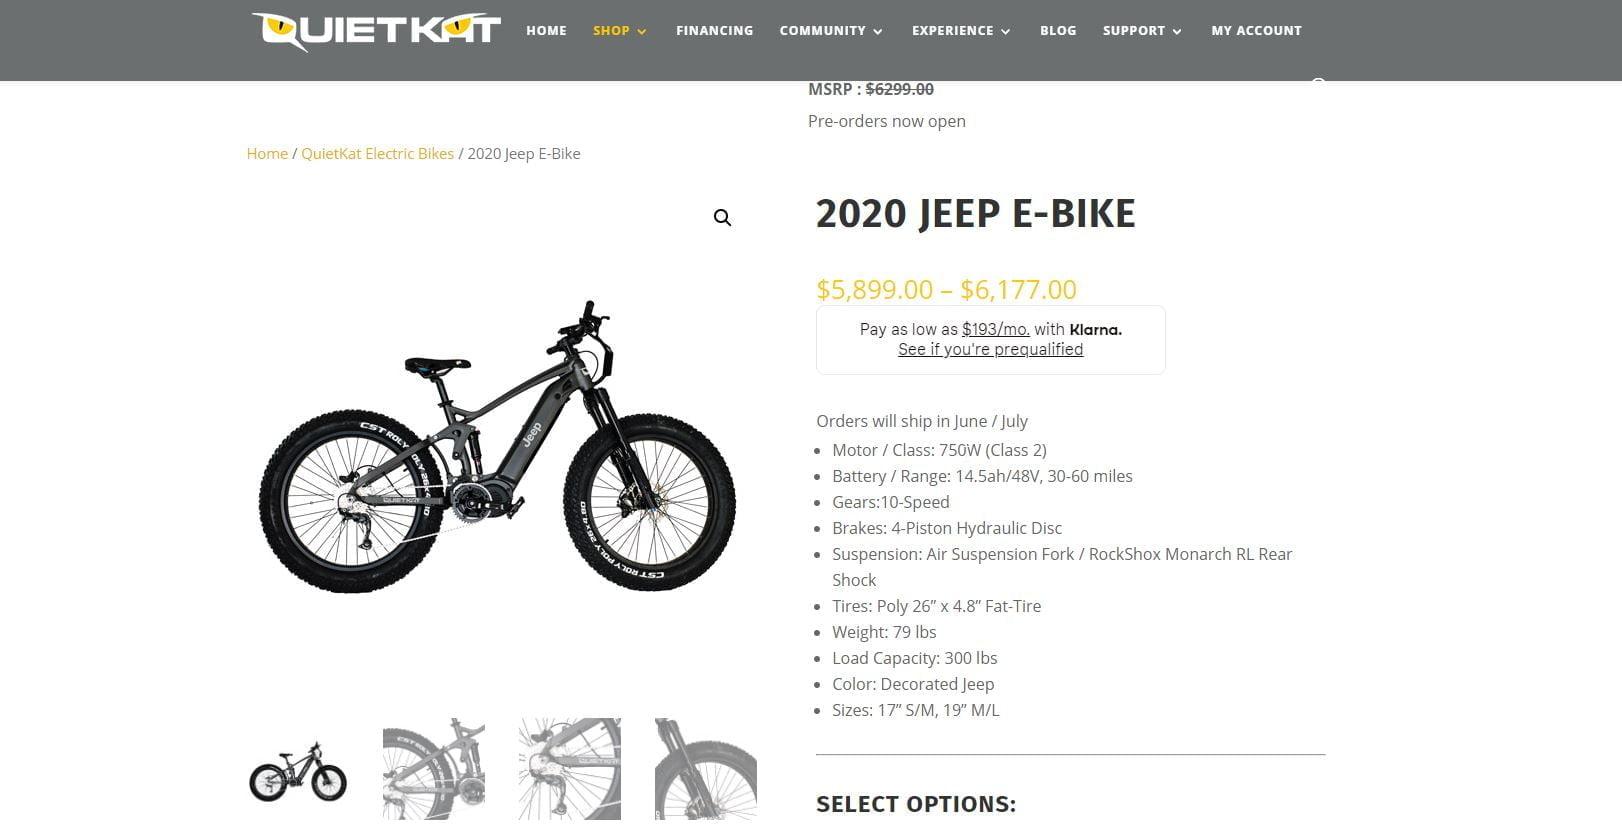 jeep e-bike price specs https://huglero.com